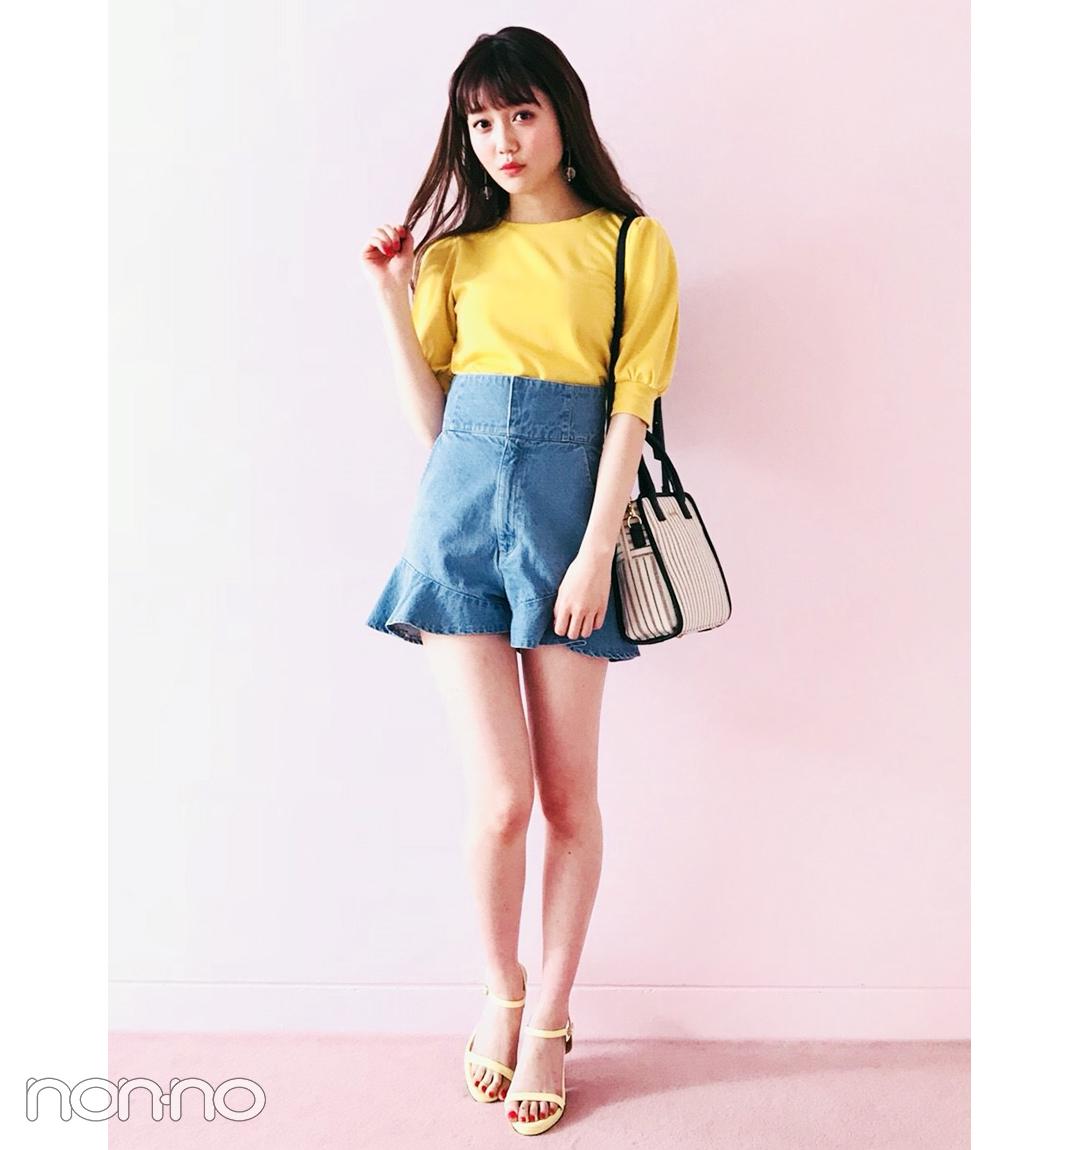 【夏のデニムコーデ】松川菜々花のフェミニンショーパンスタイルがモテる!